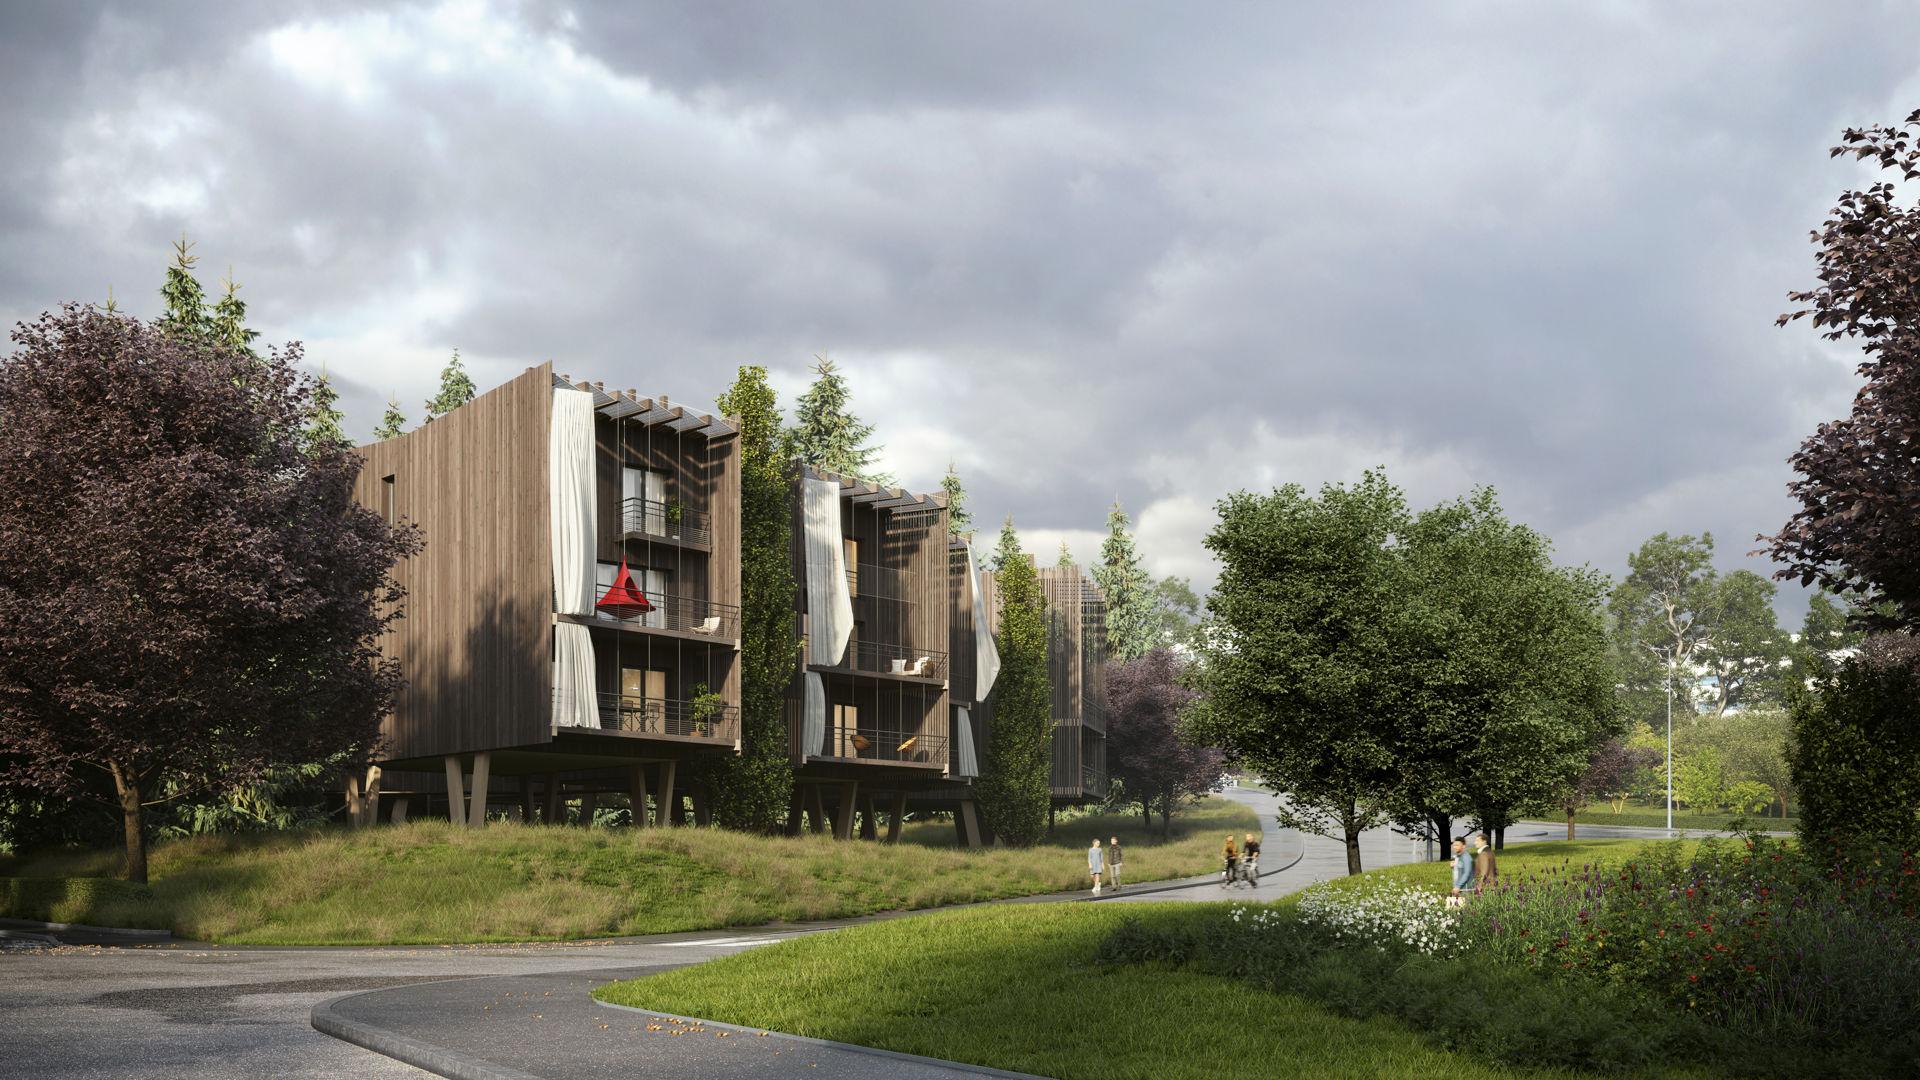 ARTICLE LE PROGRES : Des habitations sur pilotis près du parc de l'Europe fin 2022